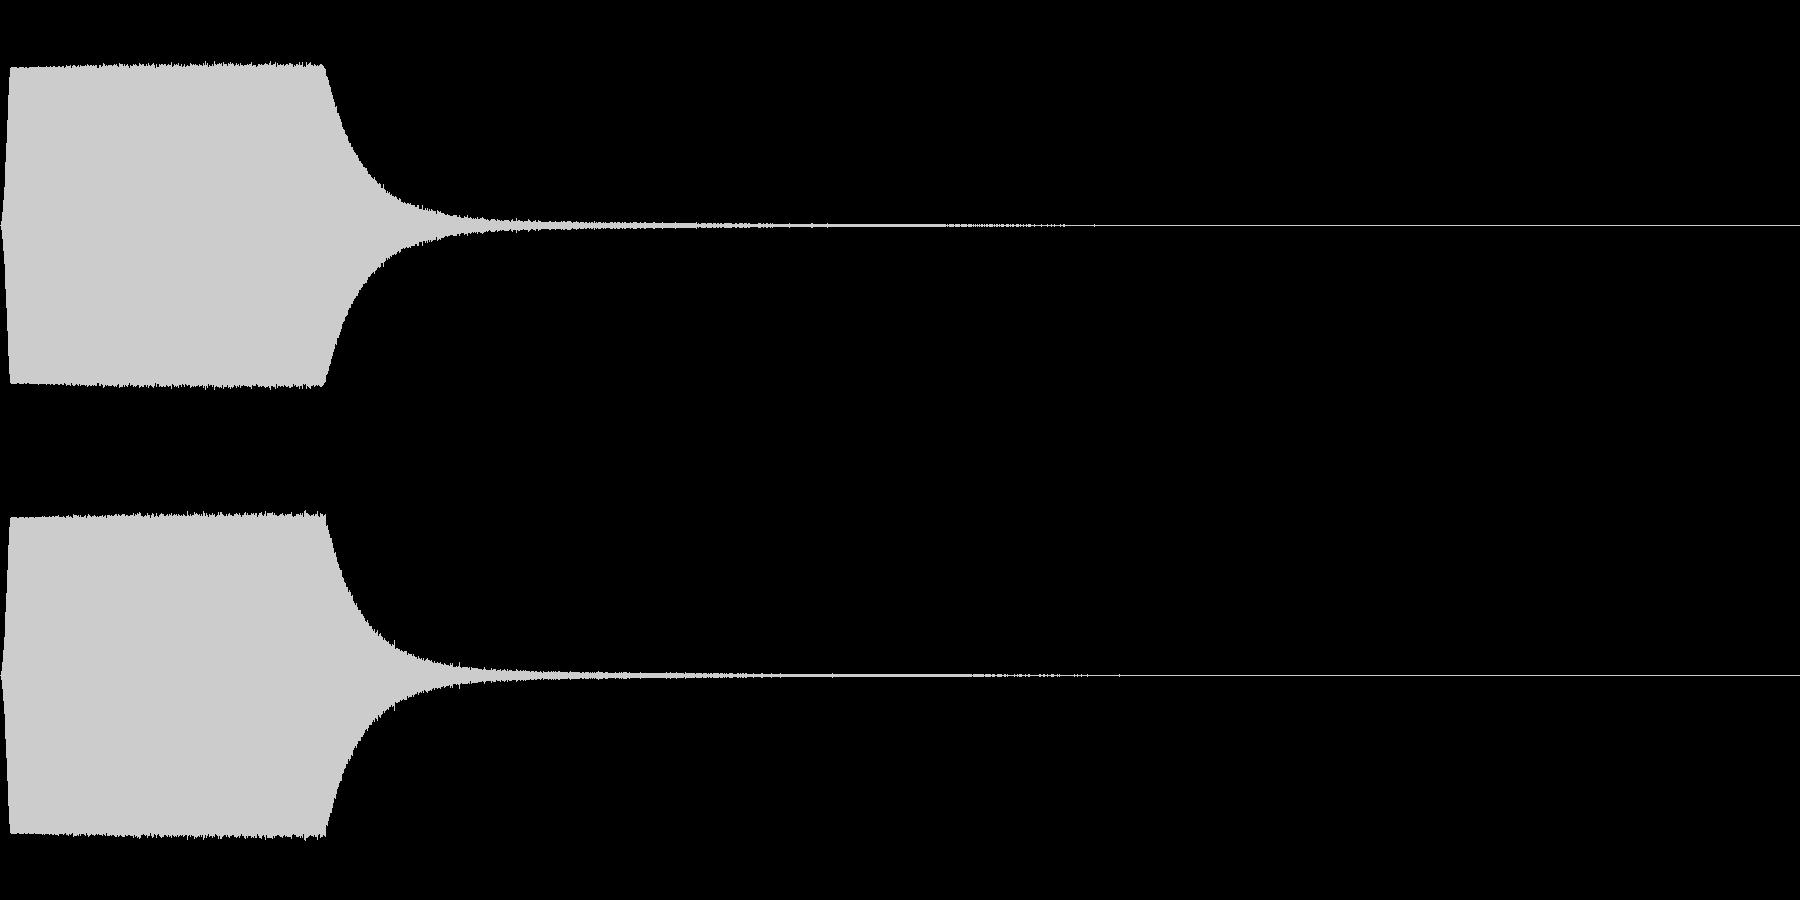 蒸気 スチーム プシュー 機関車の未再生の波形